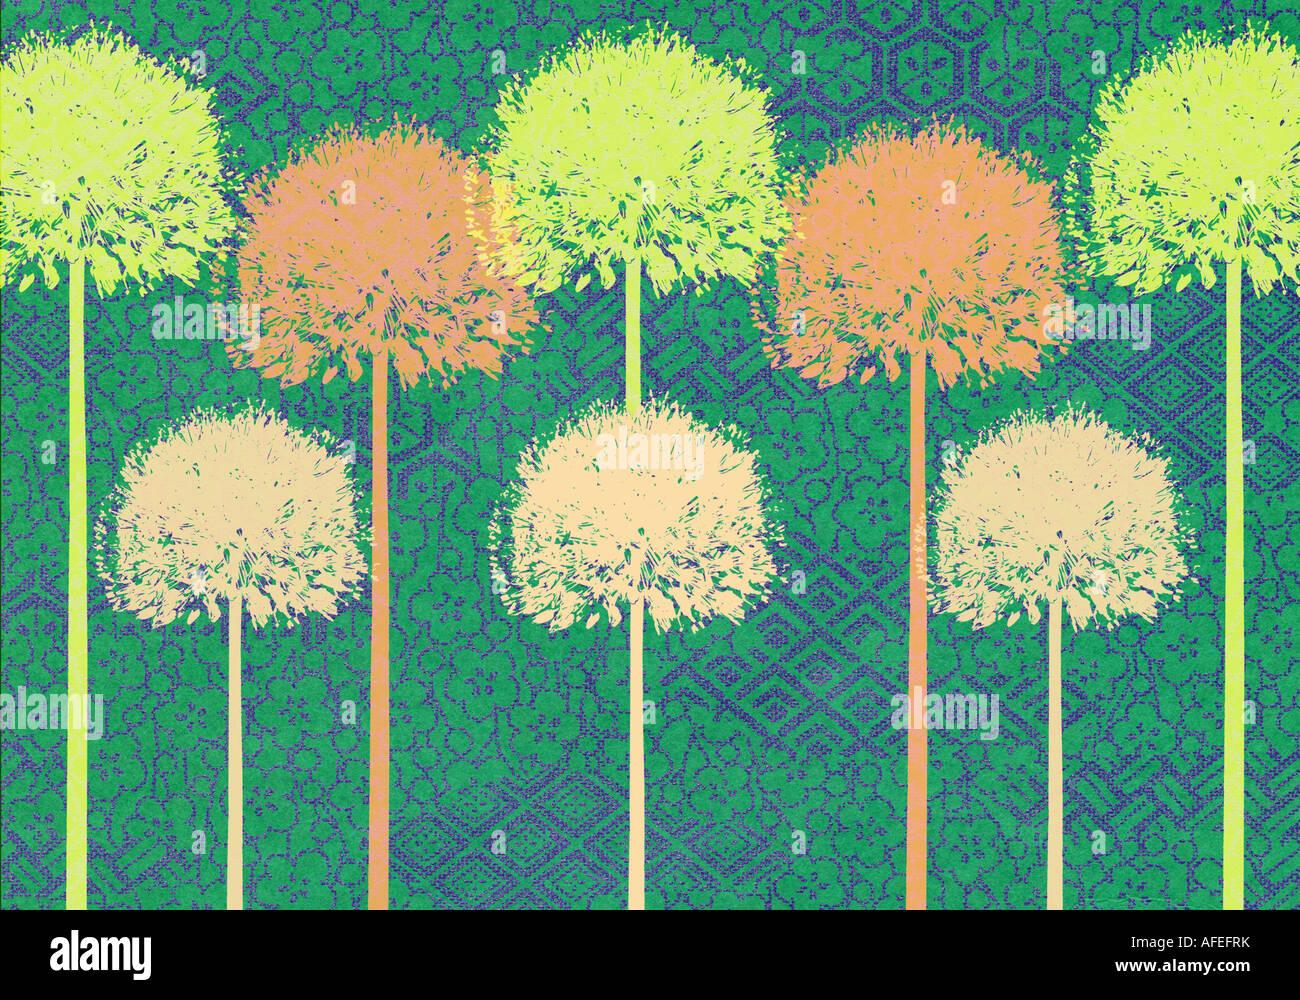 Treten Sie ein und wiederholen Sie die Abbildung der Alliums Stockfoto